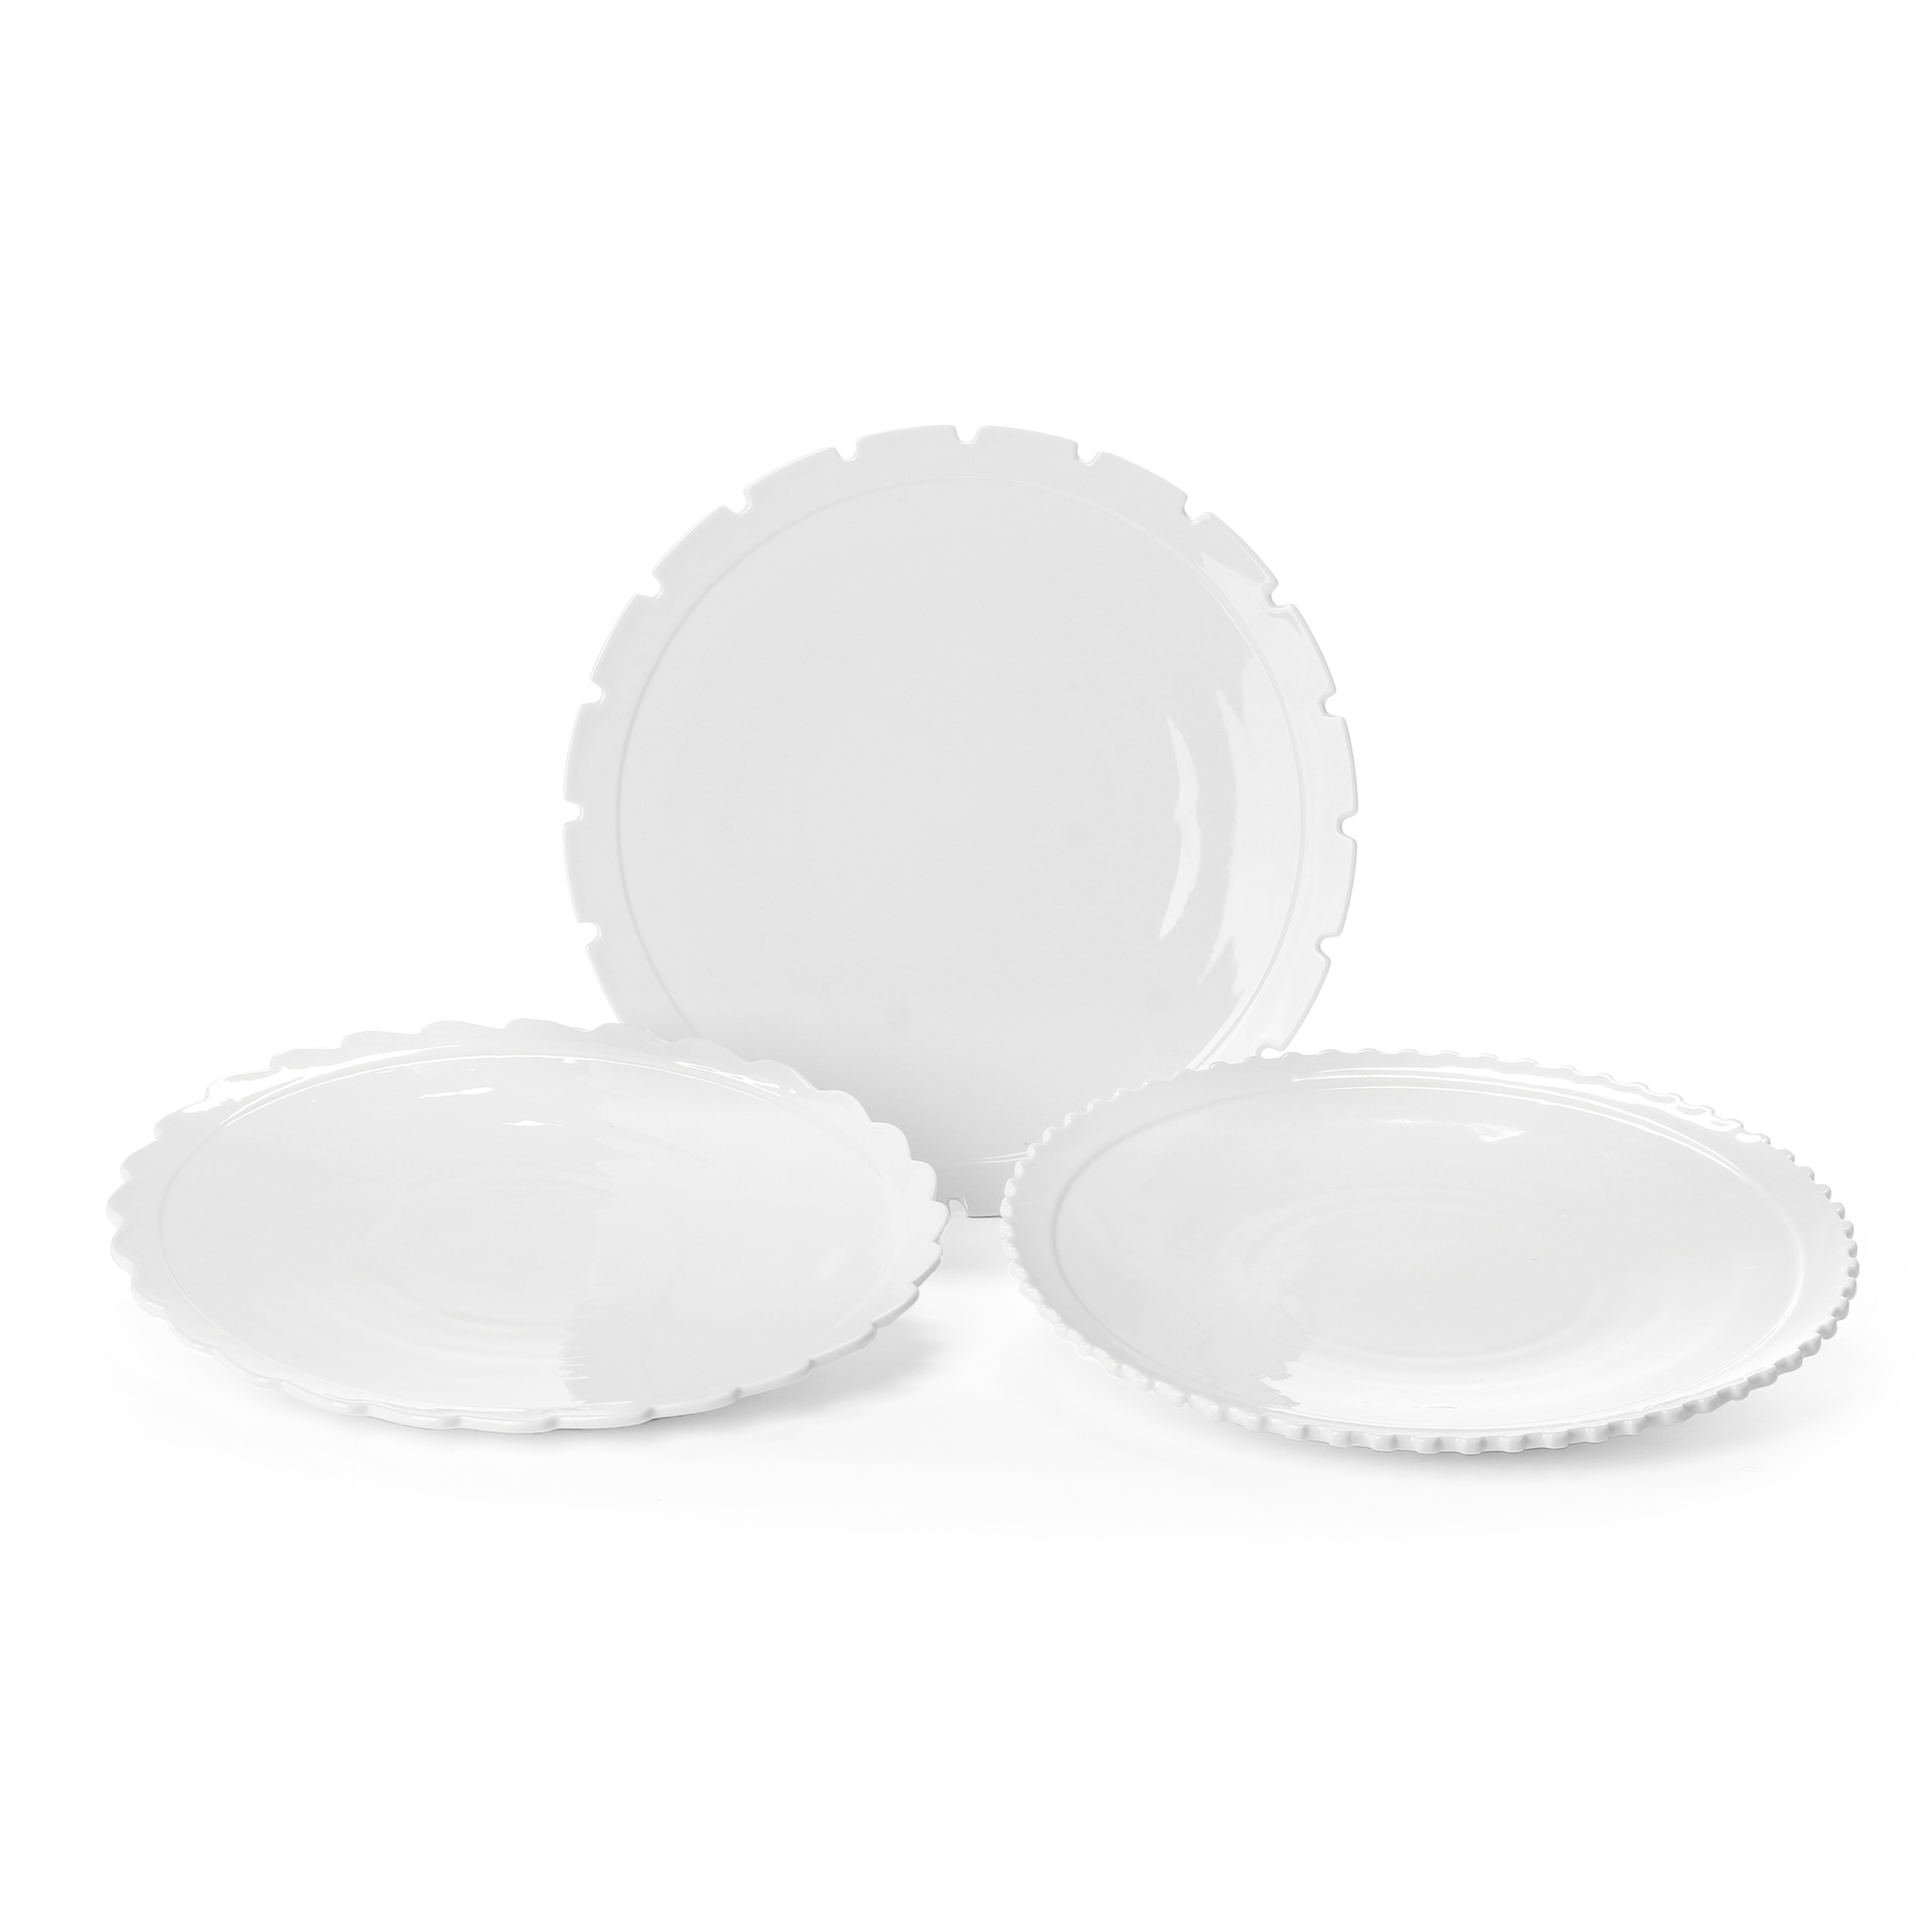 Набор из 3 тарелок Machine Collection хочу продать свою квартиру которая менее 3х лет и другую какие налоги надо заплатить